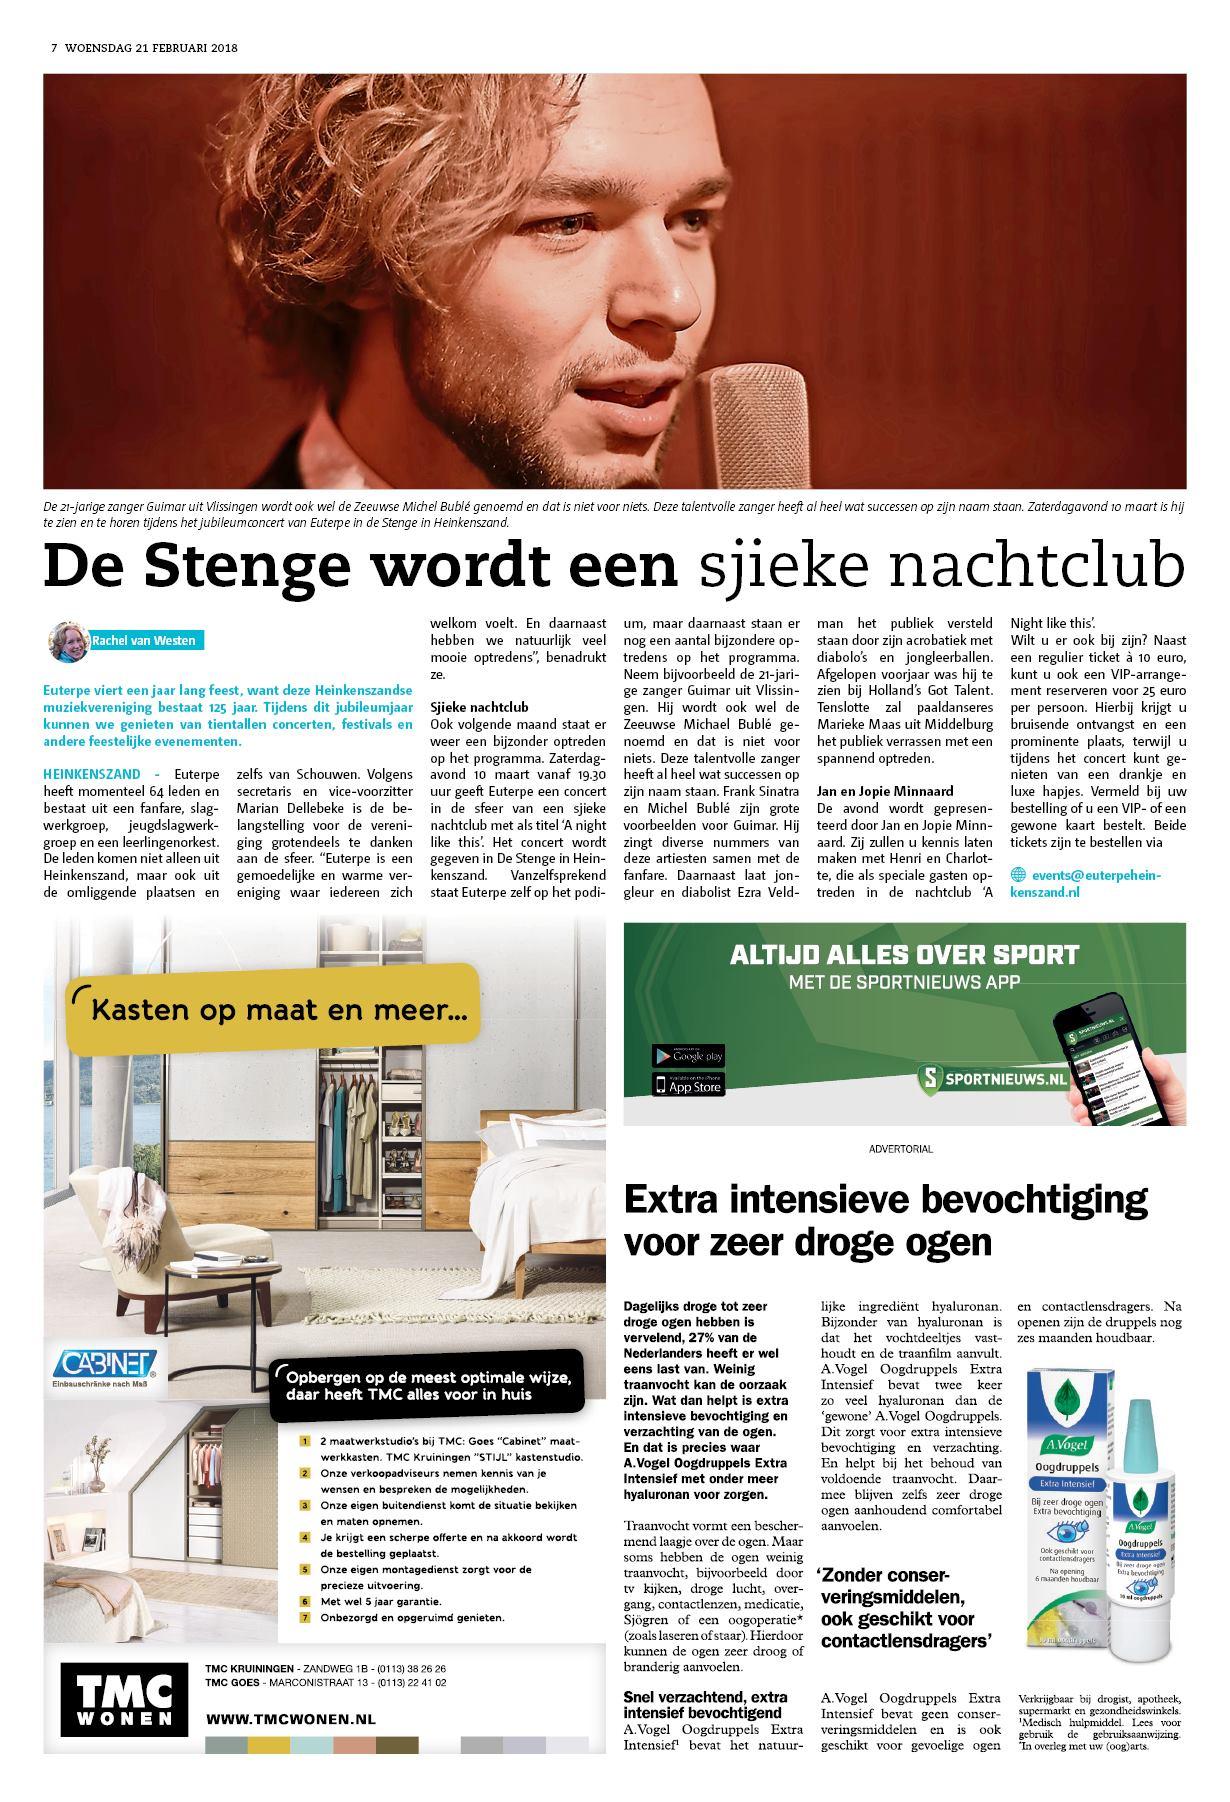 www multimediacenter nl jarig De Bevelander 21 februari 2018 www multimediacenter nl jarig